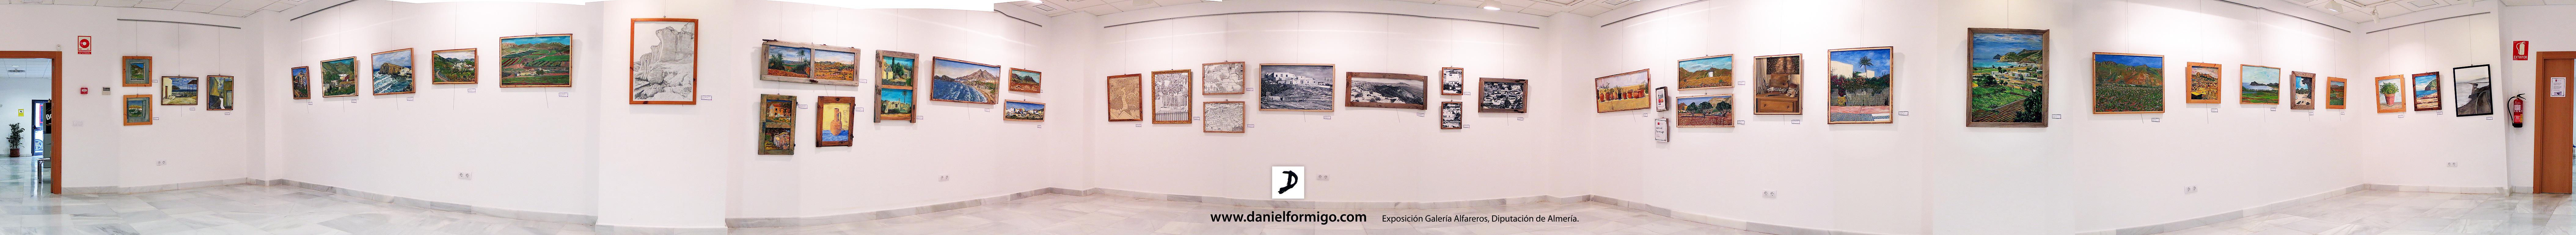 Exposición de pinturas y dibujos relacionados con los paisajes de Almería en Galería Sala Alfareros, Diputación de Almería